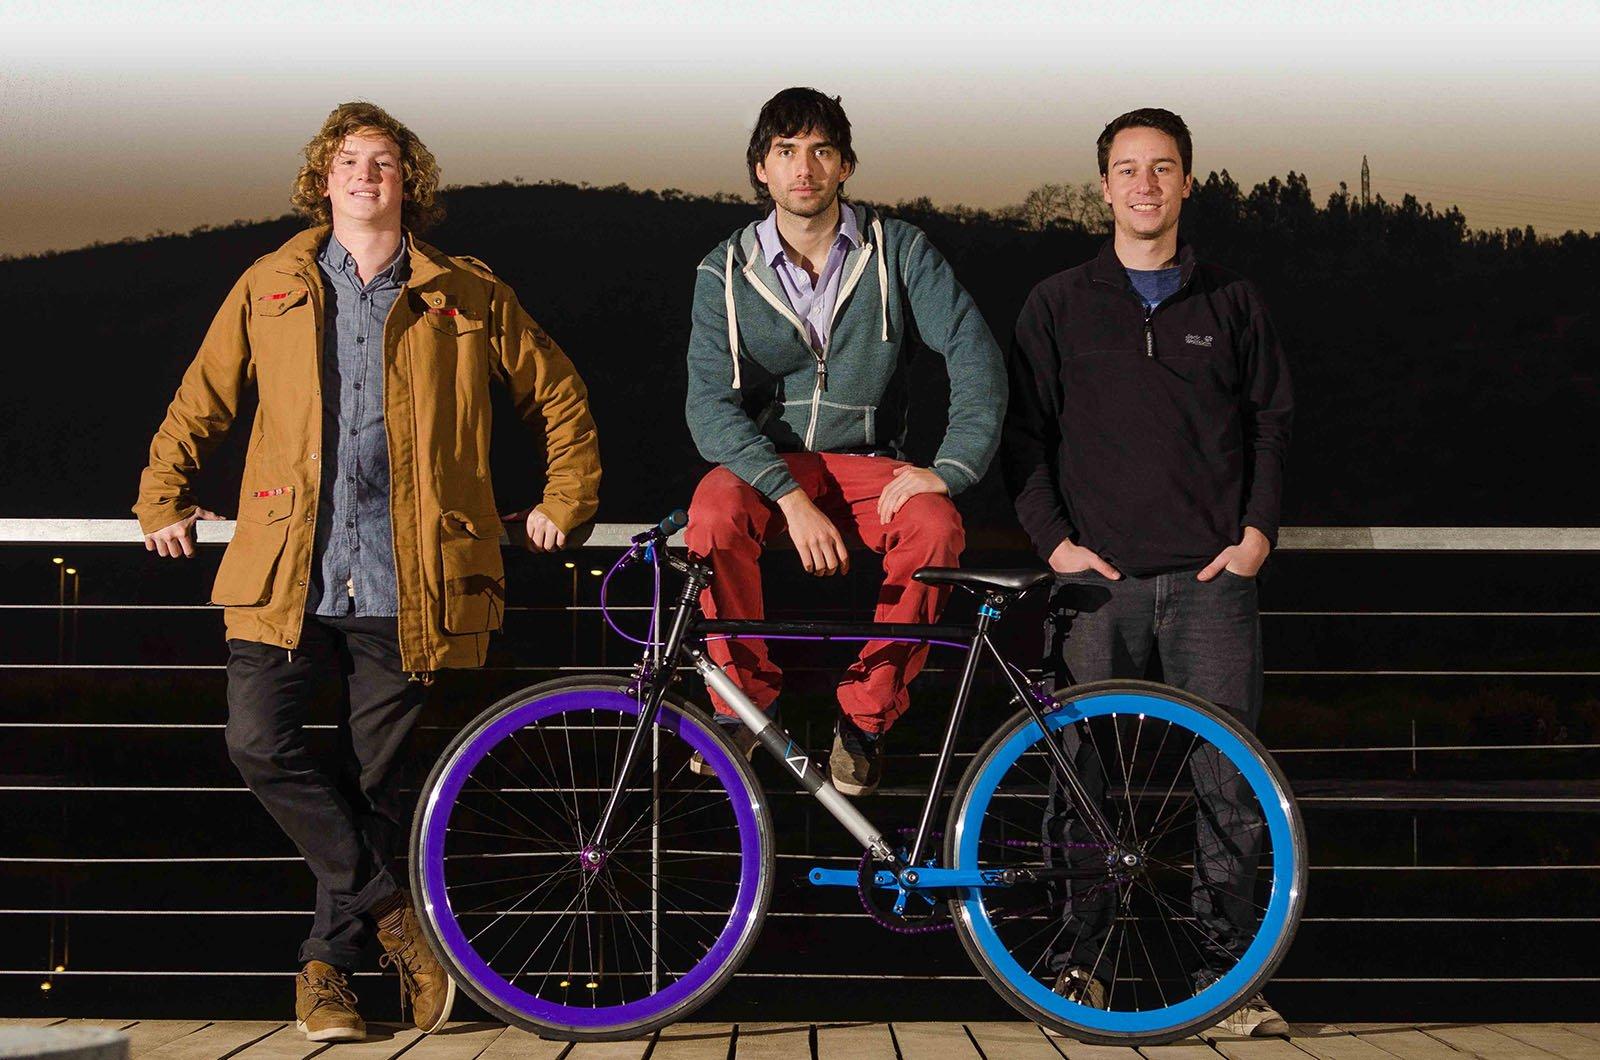 Sie haben das diebstahlsichere Fahrrad erfunden: die StudentenAndrés Roi Eggers, Juan José Monsalve and Cristobal Cabello (v.l.n.r.).